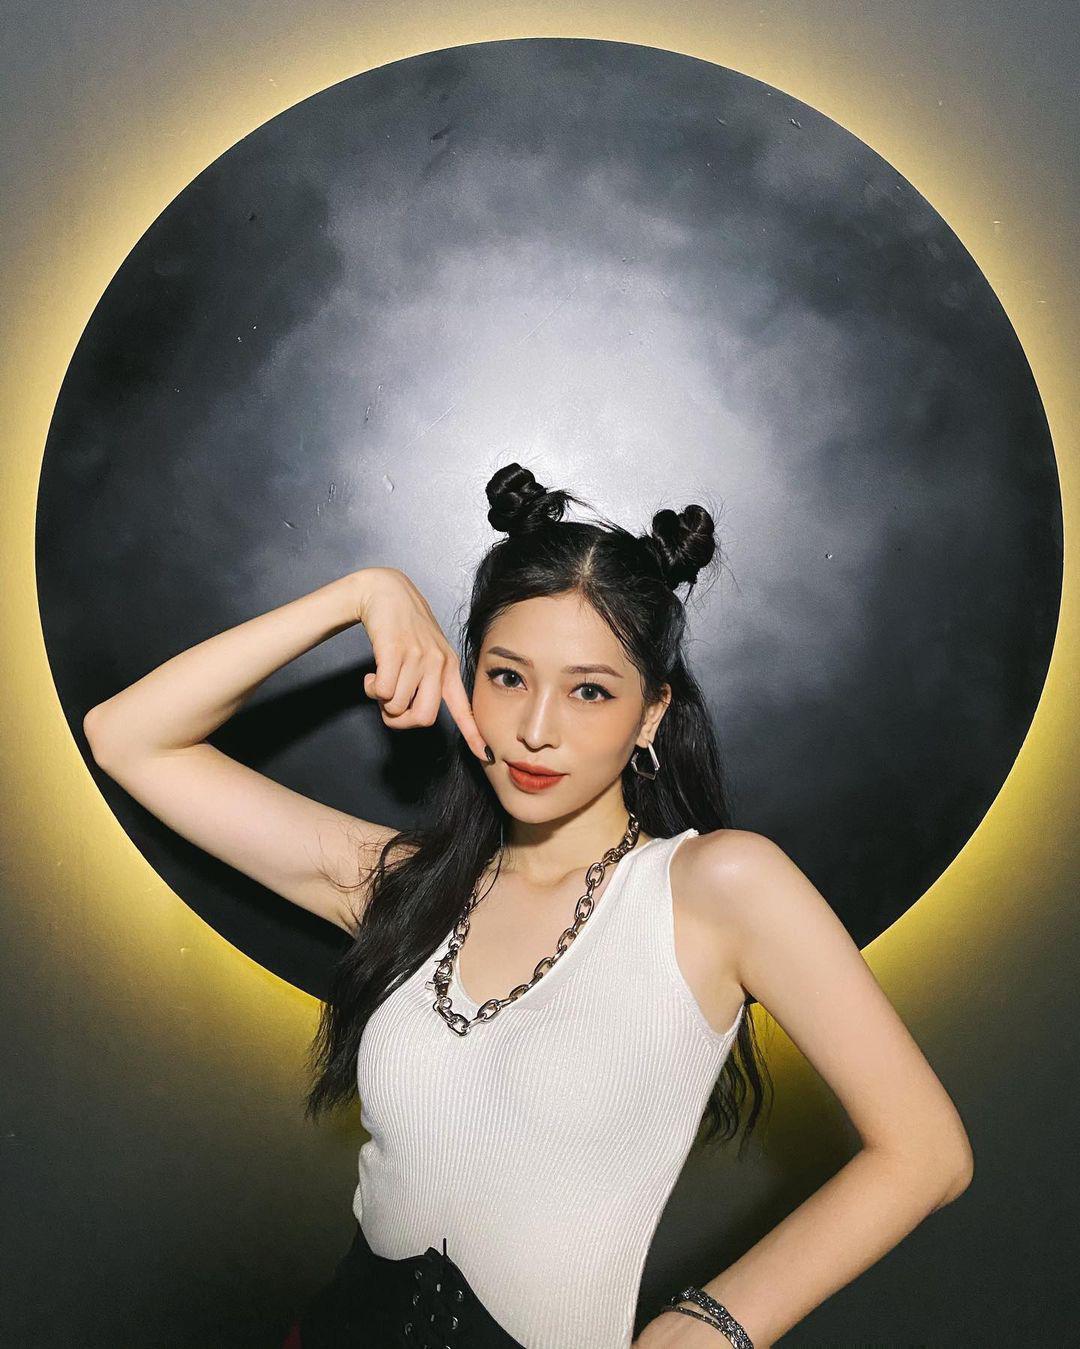 Hoàng Thùy Linh gợi cảm hút mắt, thần thái đỉnh cao trong hậu trường chụp hình thời trang - Ảnh 7.